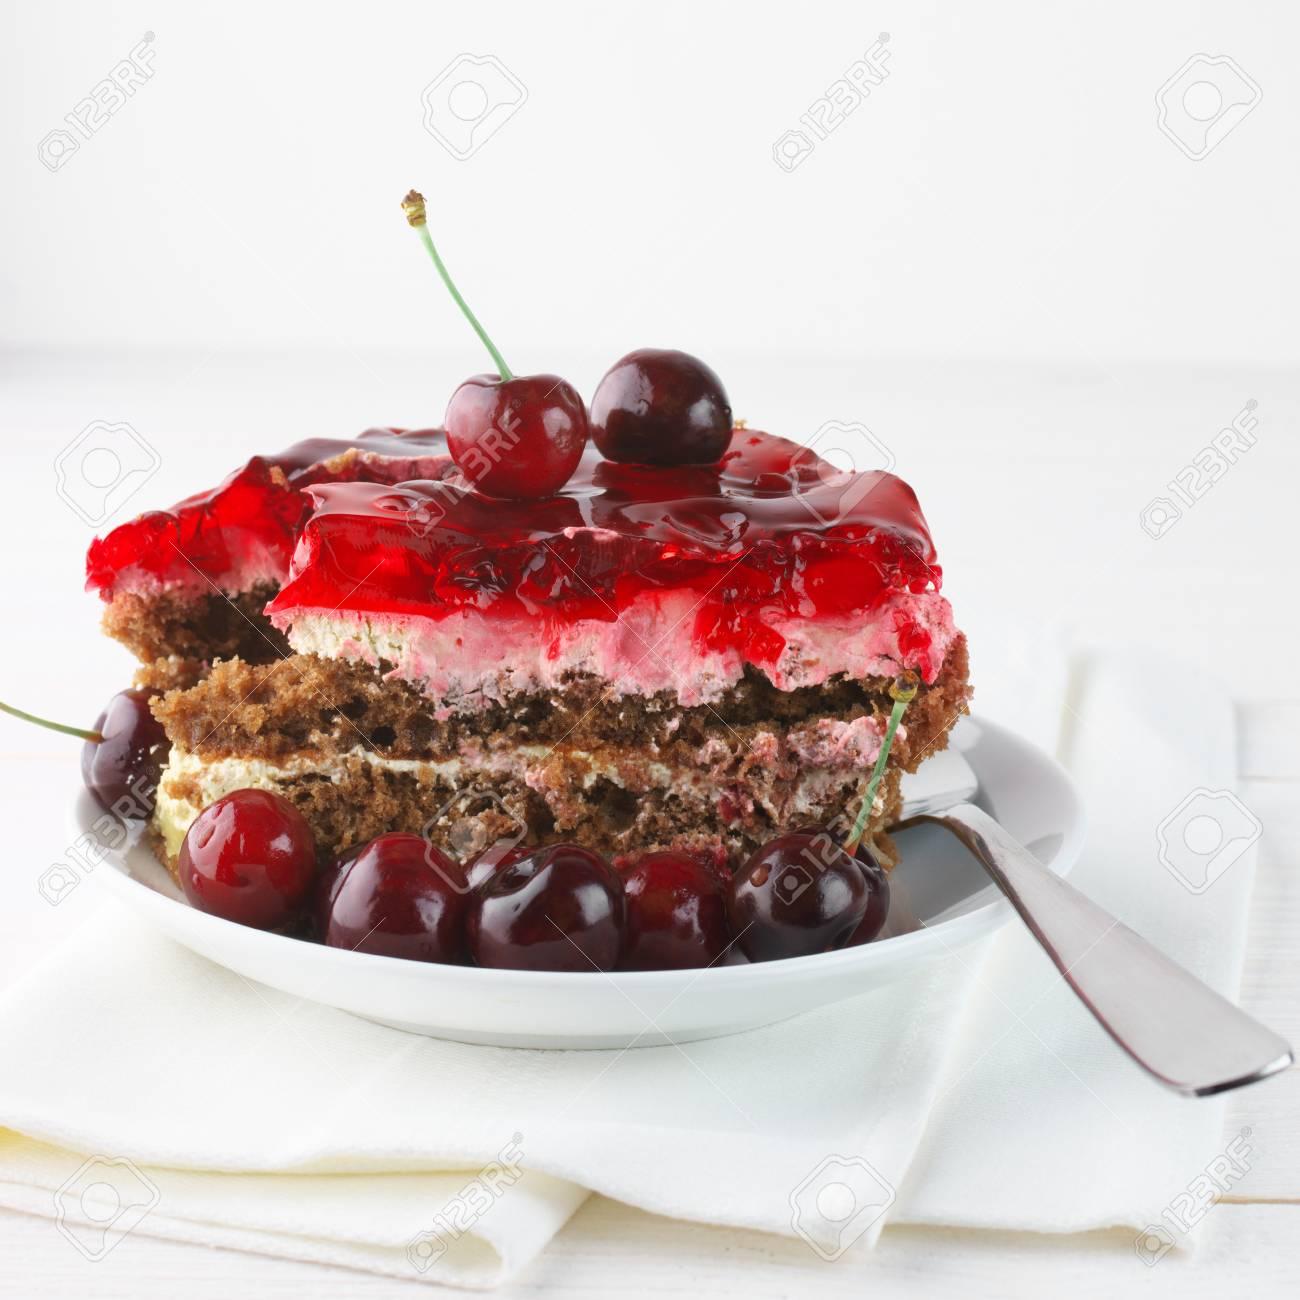 Fruchtige Kuchen Mit Gelee Und Kirschen In Der Weissen Platte Auf